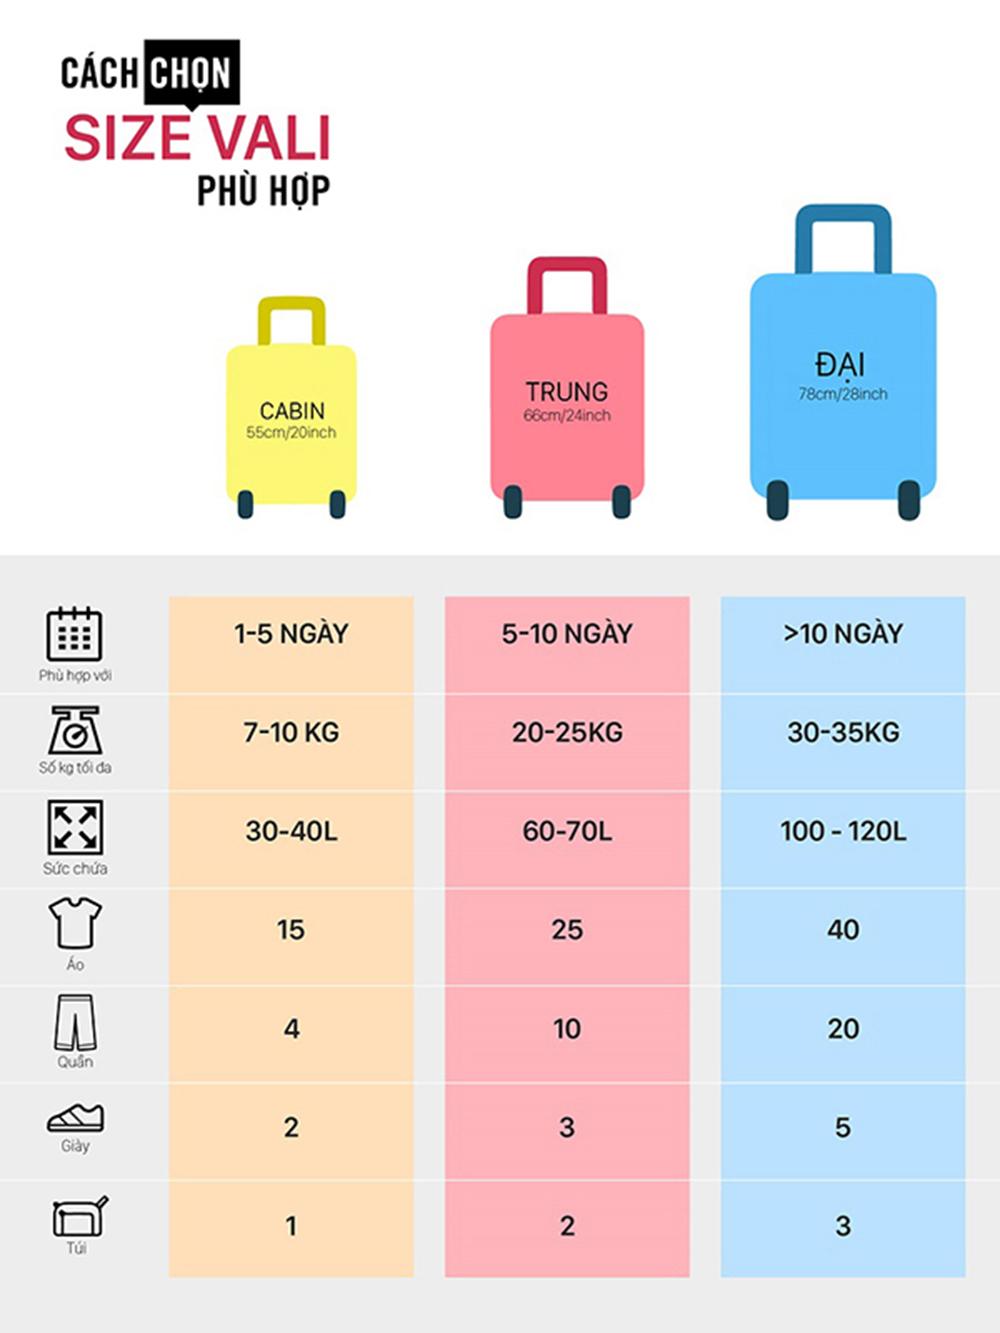 Cách chọn size vali 7